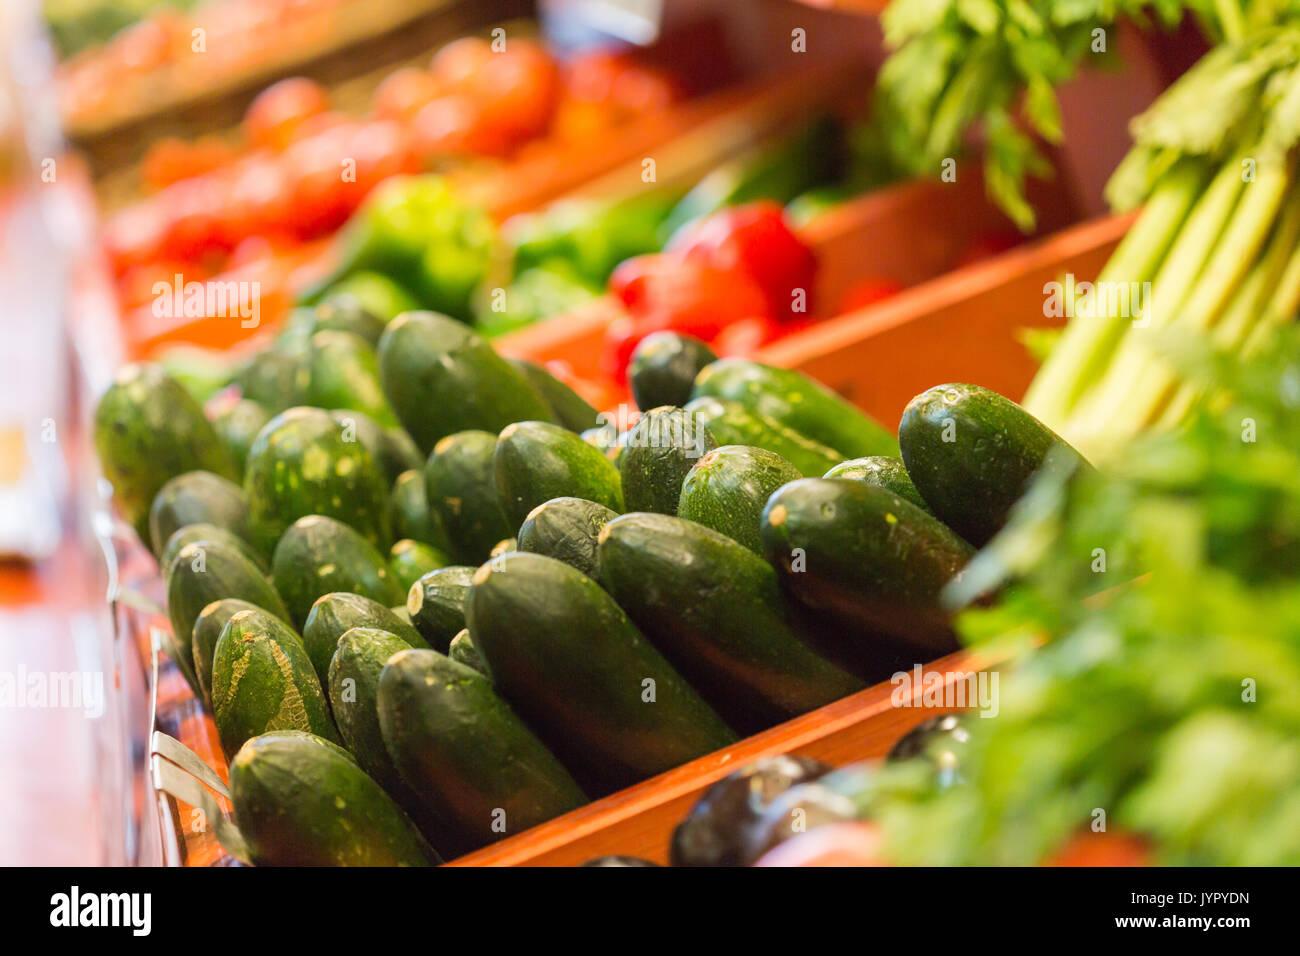 Lotes de calabacín en un puesto en el mercado. Estas son las verduras verdes y muy bueno para la salud. Imagen De Stock